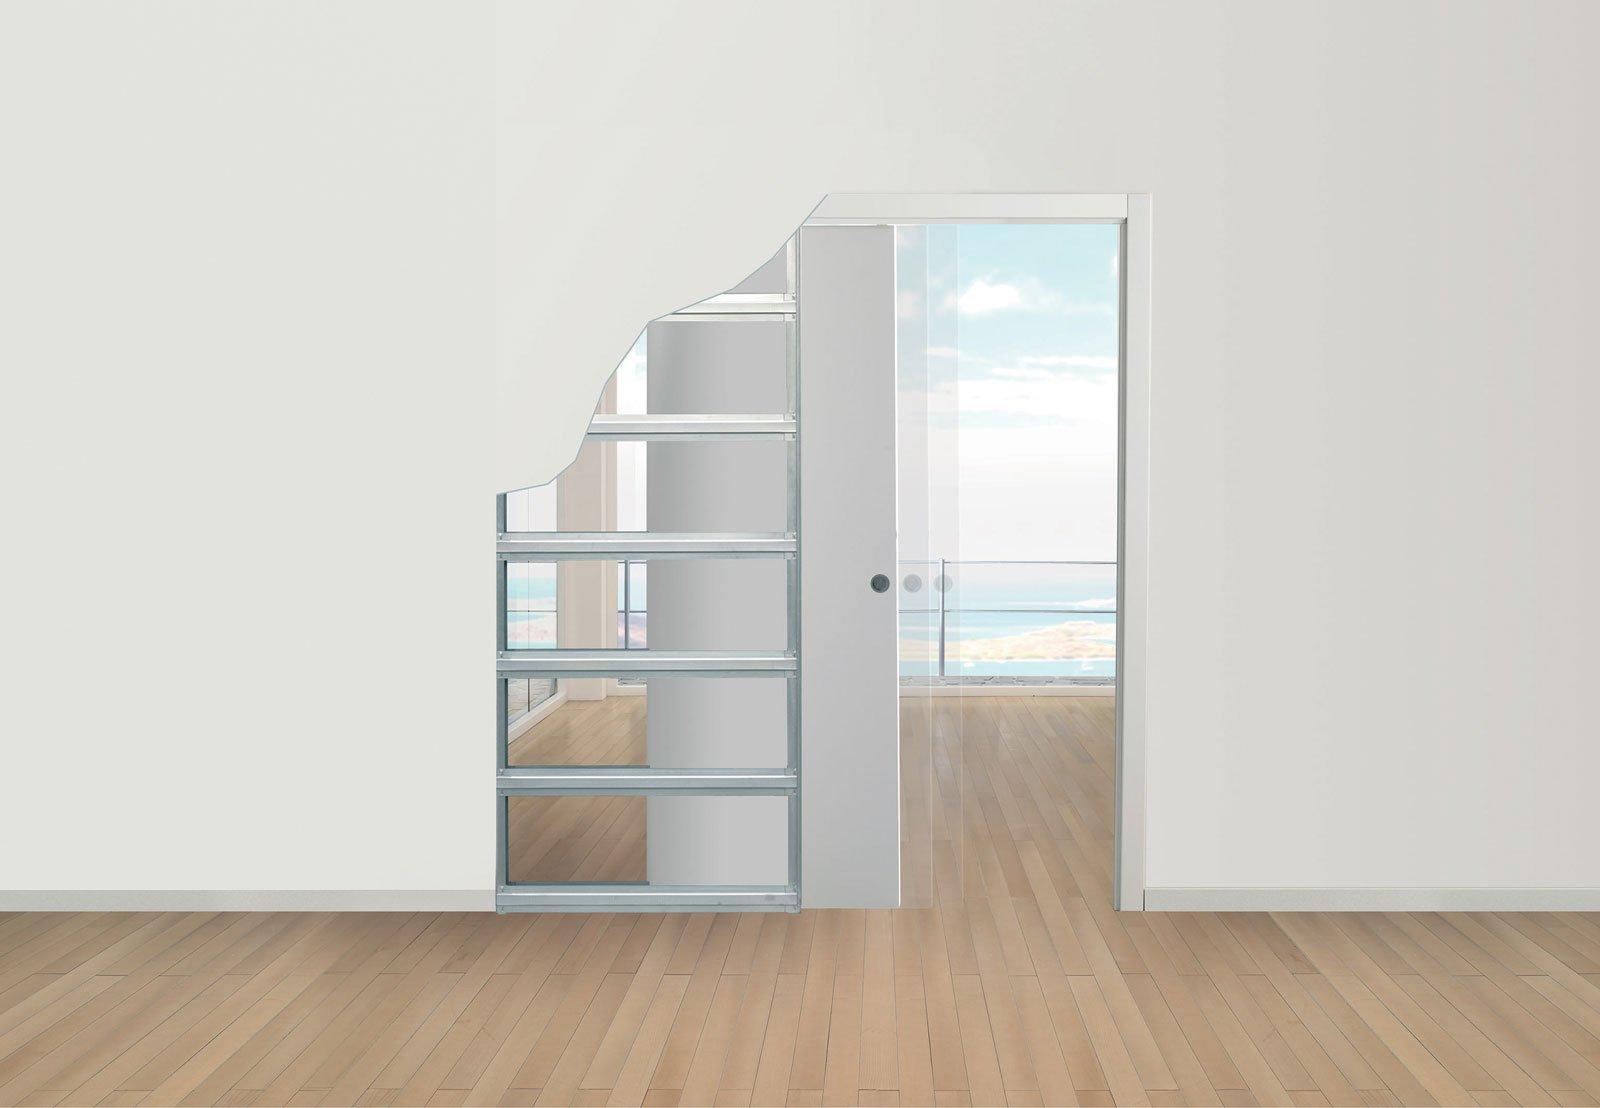 Sfruttare lo spazio con le porte a scomparsa cose di casa - Porta parete cartongesso ...